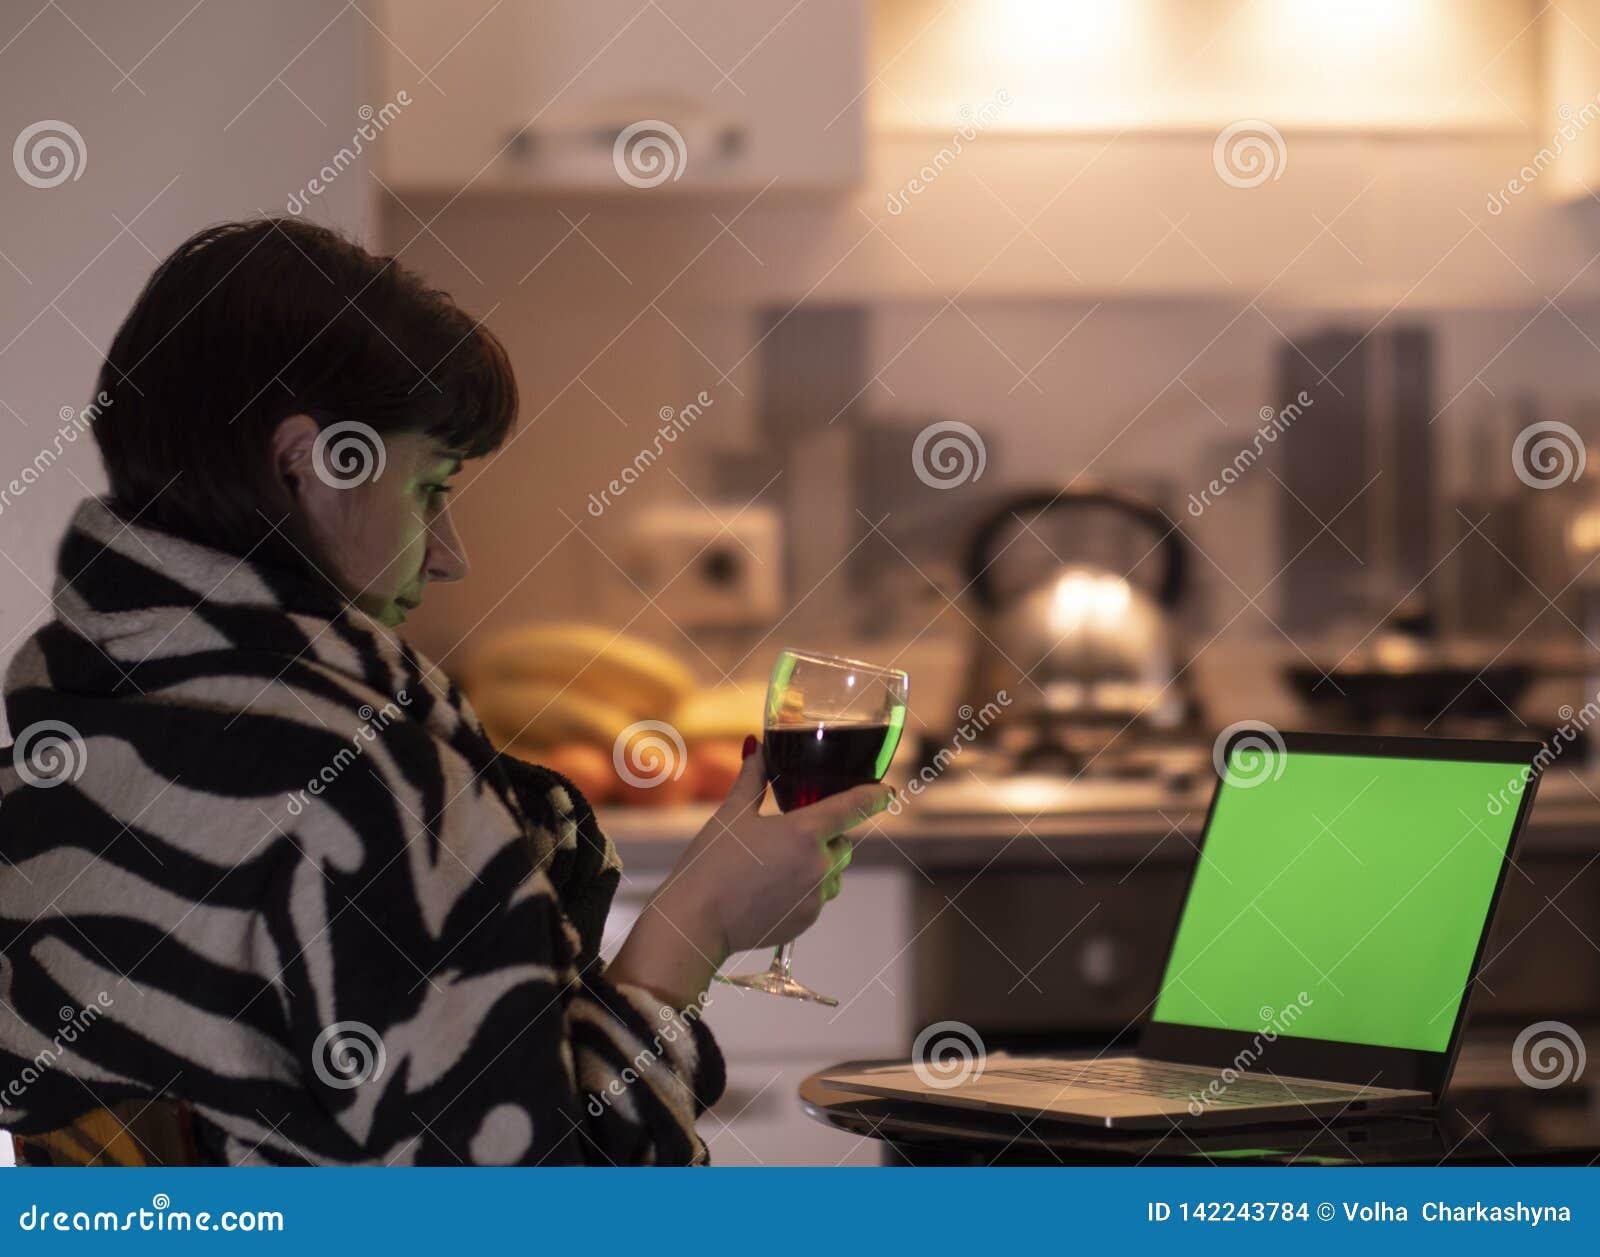 Молодая женщина брюнета держит стекло алкоголя в ее руке и взглядах на экране монитора ноутбука, chromakey